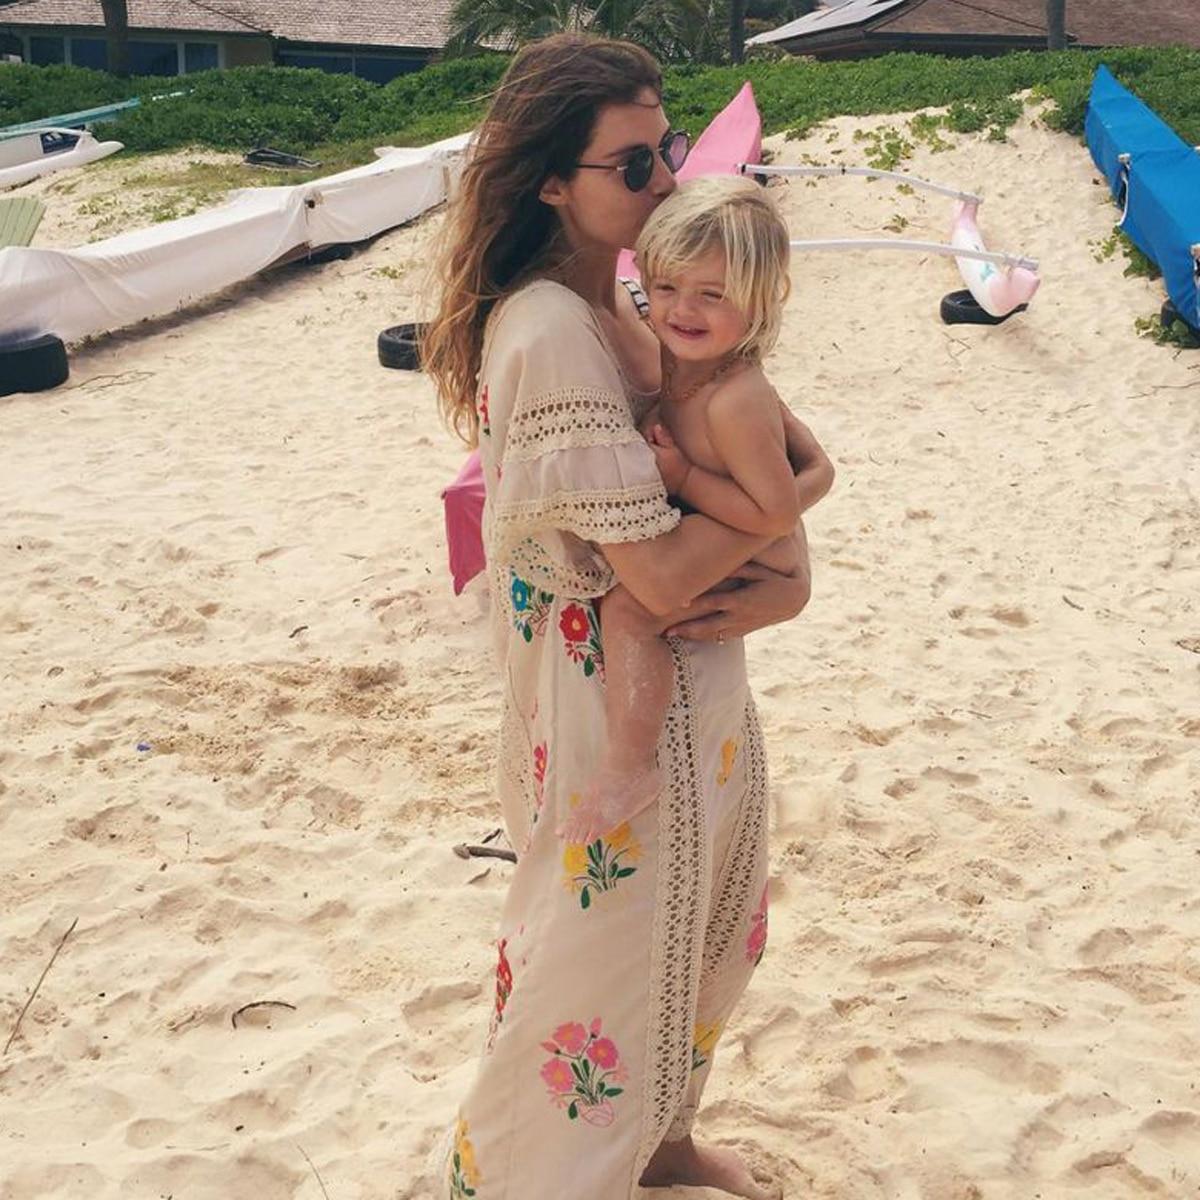 Jastie Boho Hippie Floral brodé robe de plage Crochet dentelle col carré femmes robes lâche décontracté robe mi-longue Vestidos 2018